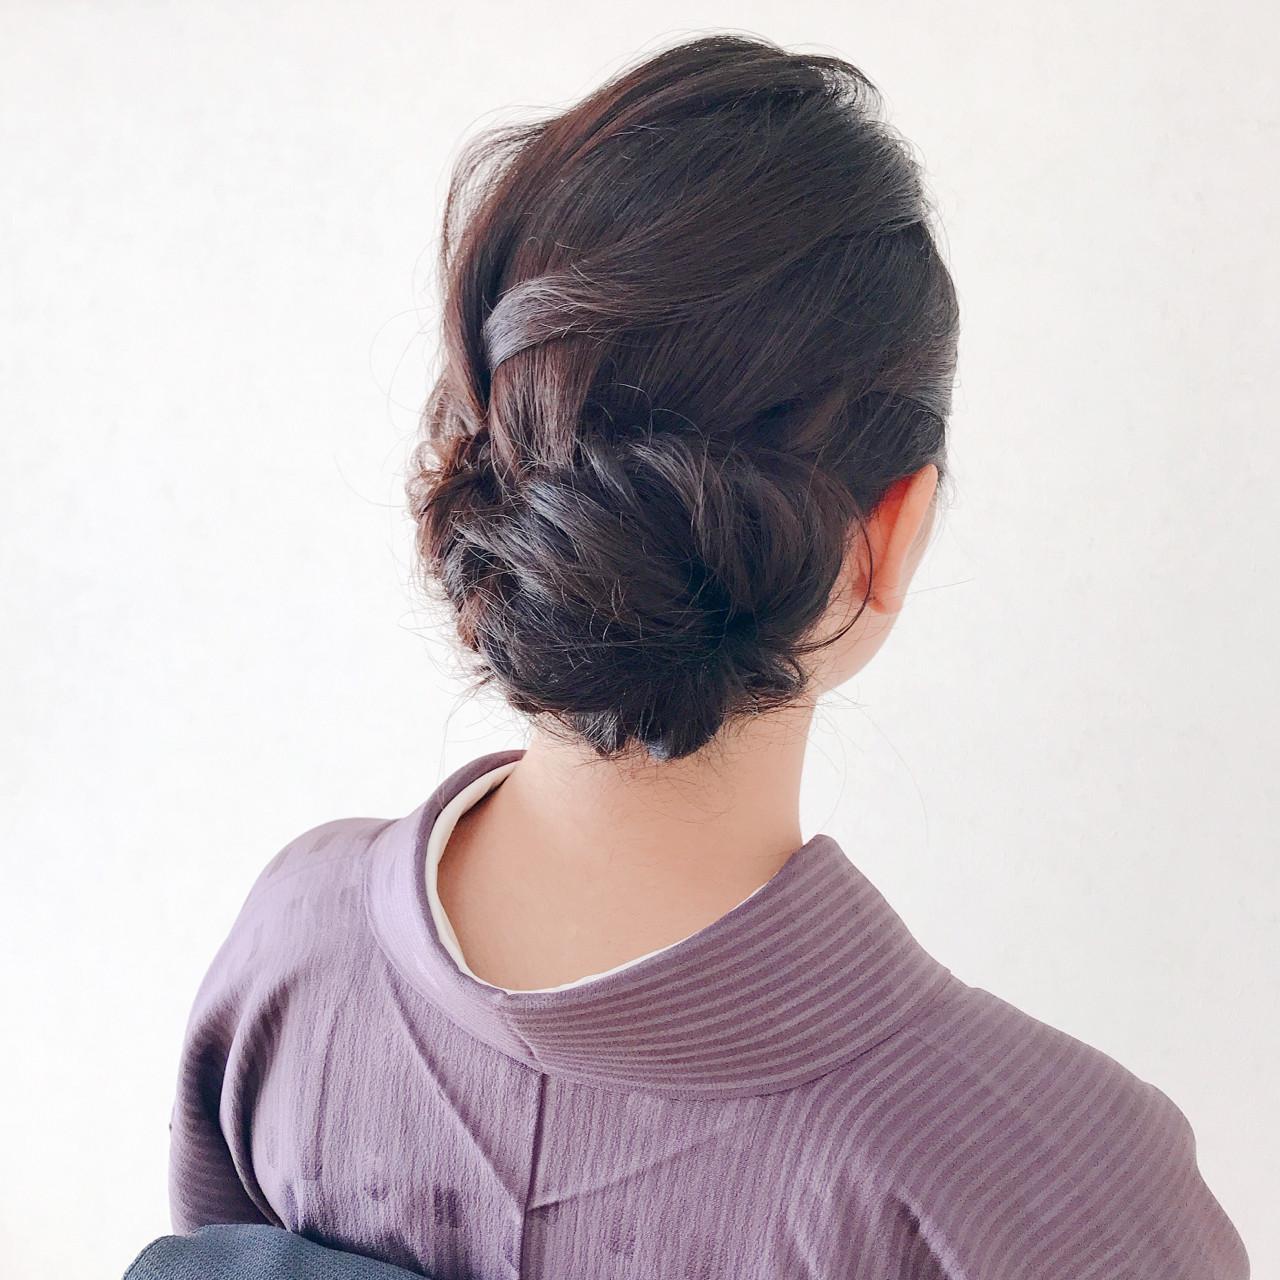 ミディアム エレガント 結婚式 ヘアアレンジ ヘアスタイルや髪型の写真・画像 | Moriyama Mami / 福岡天神ヘアセット・着付け専門店【Three-keys】